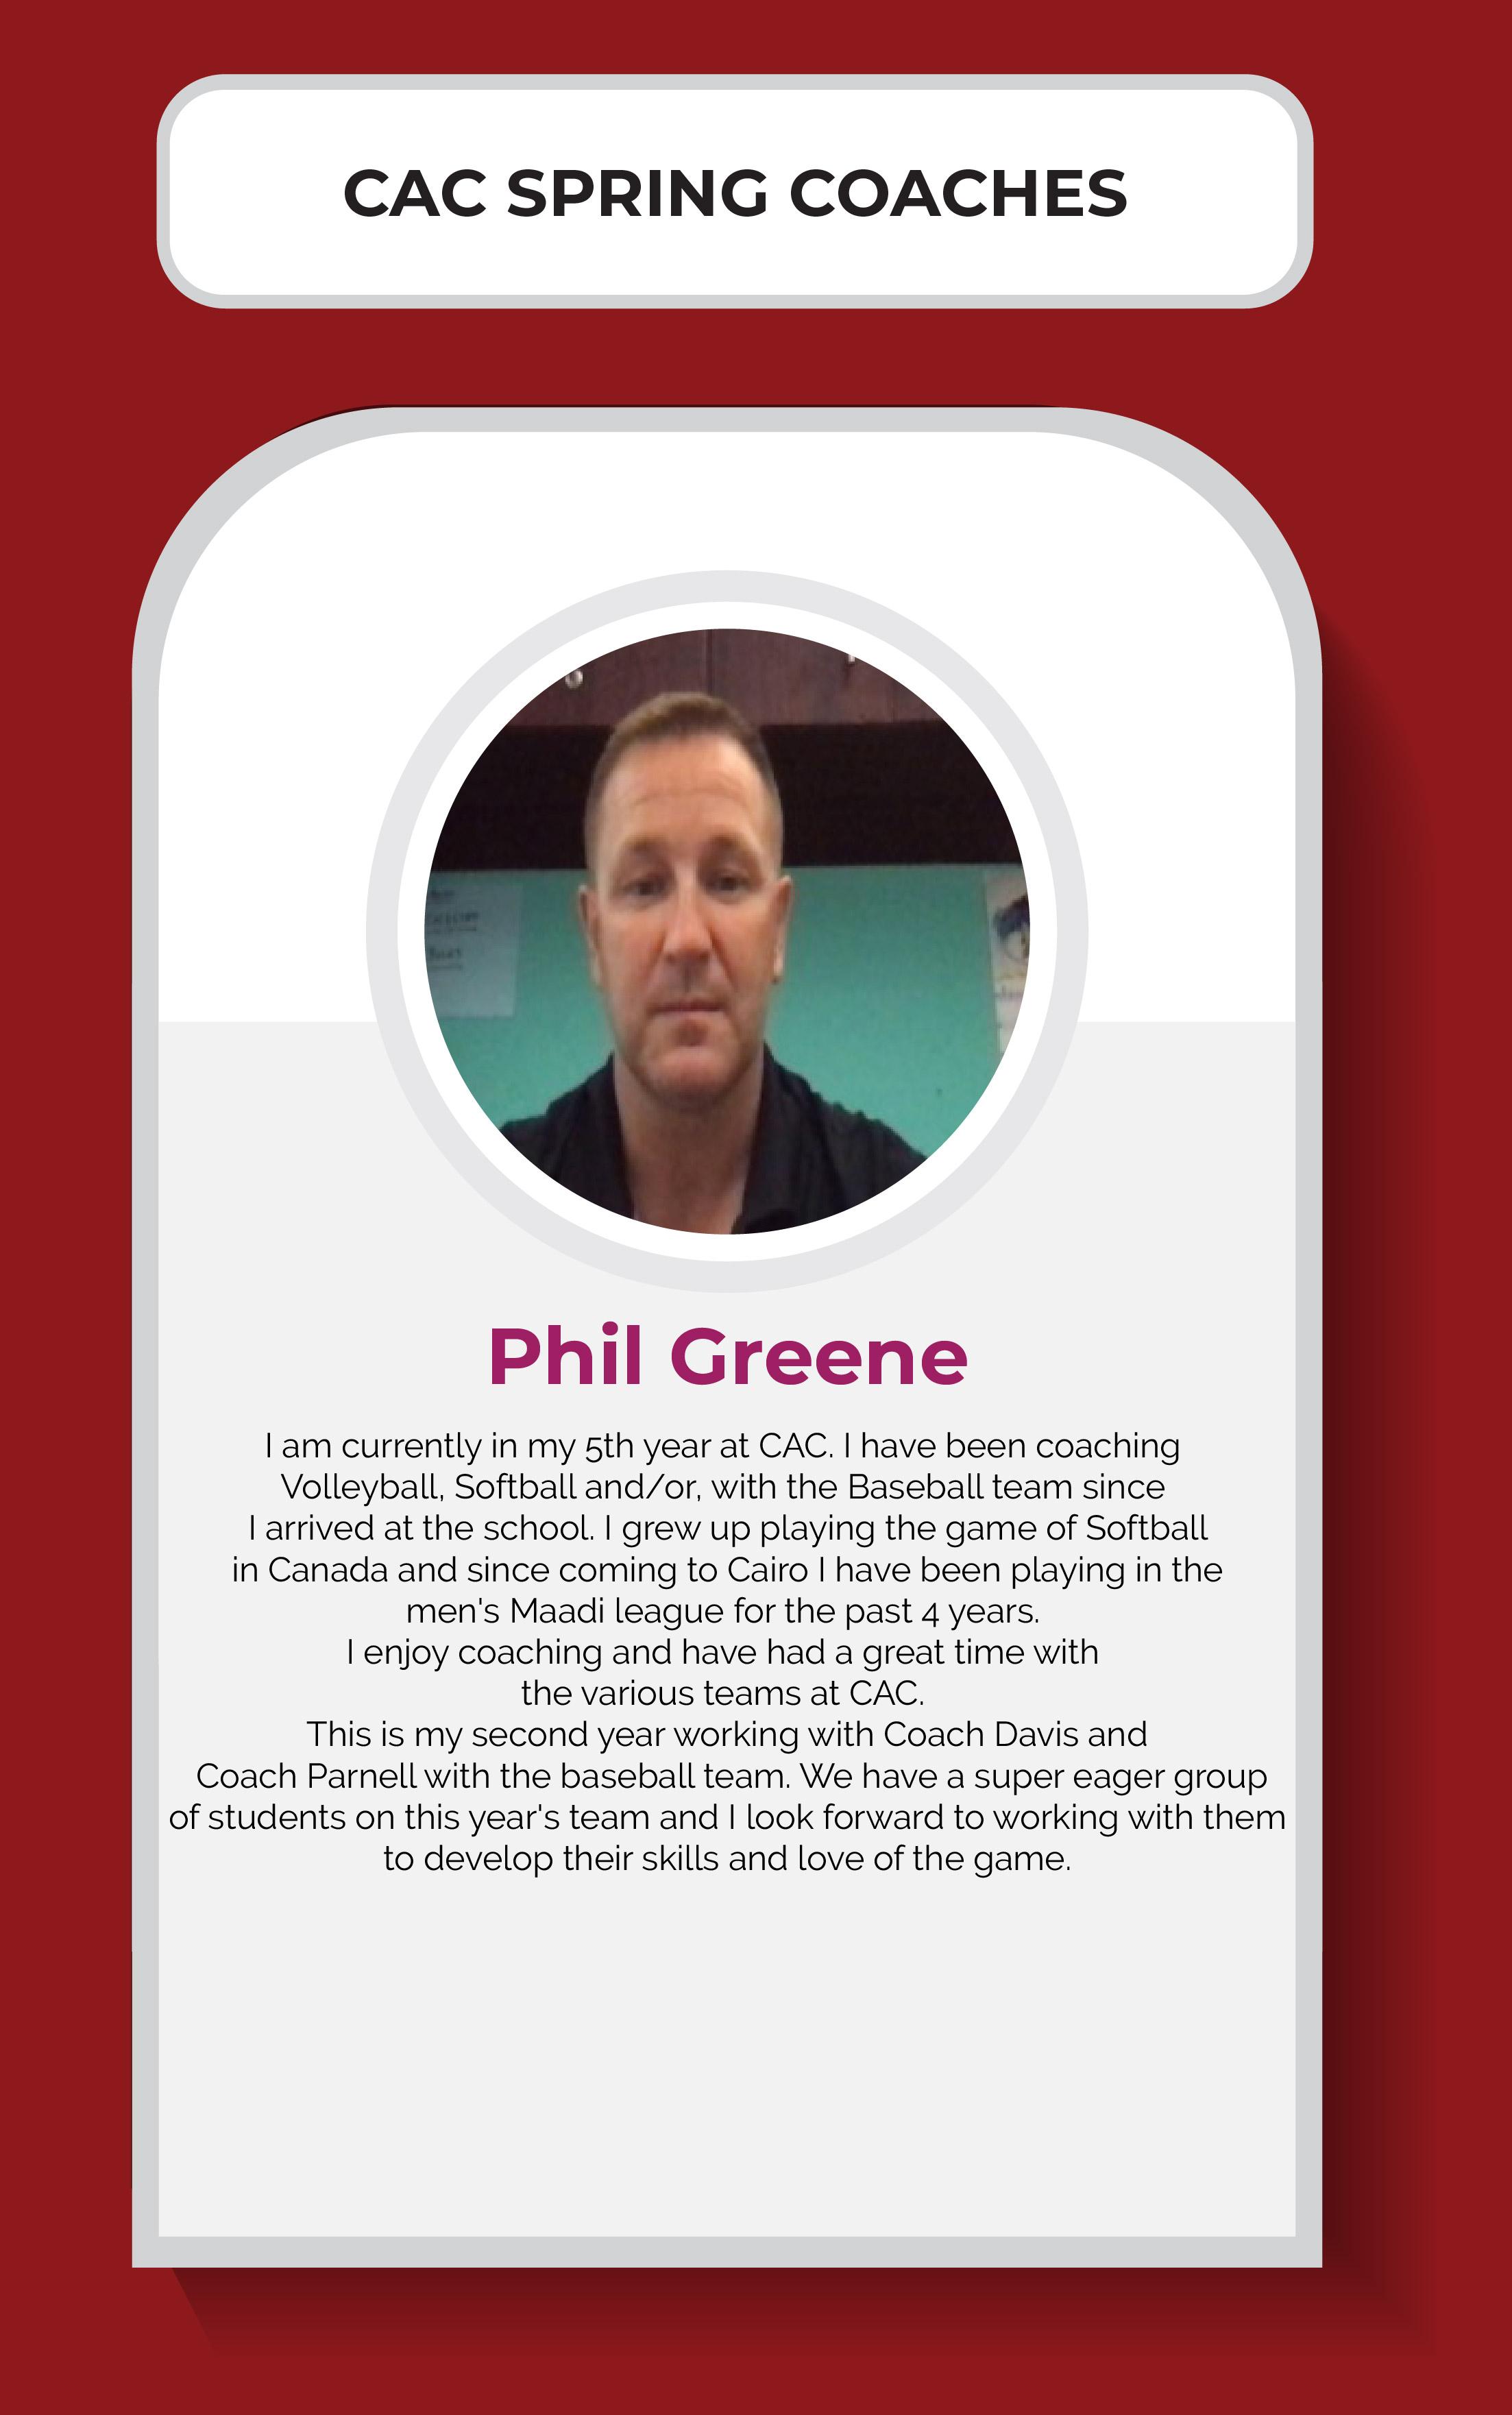 PhilGreene-01